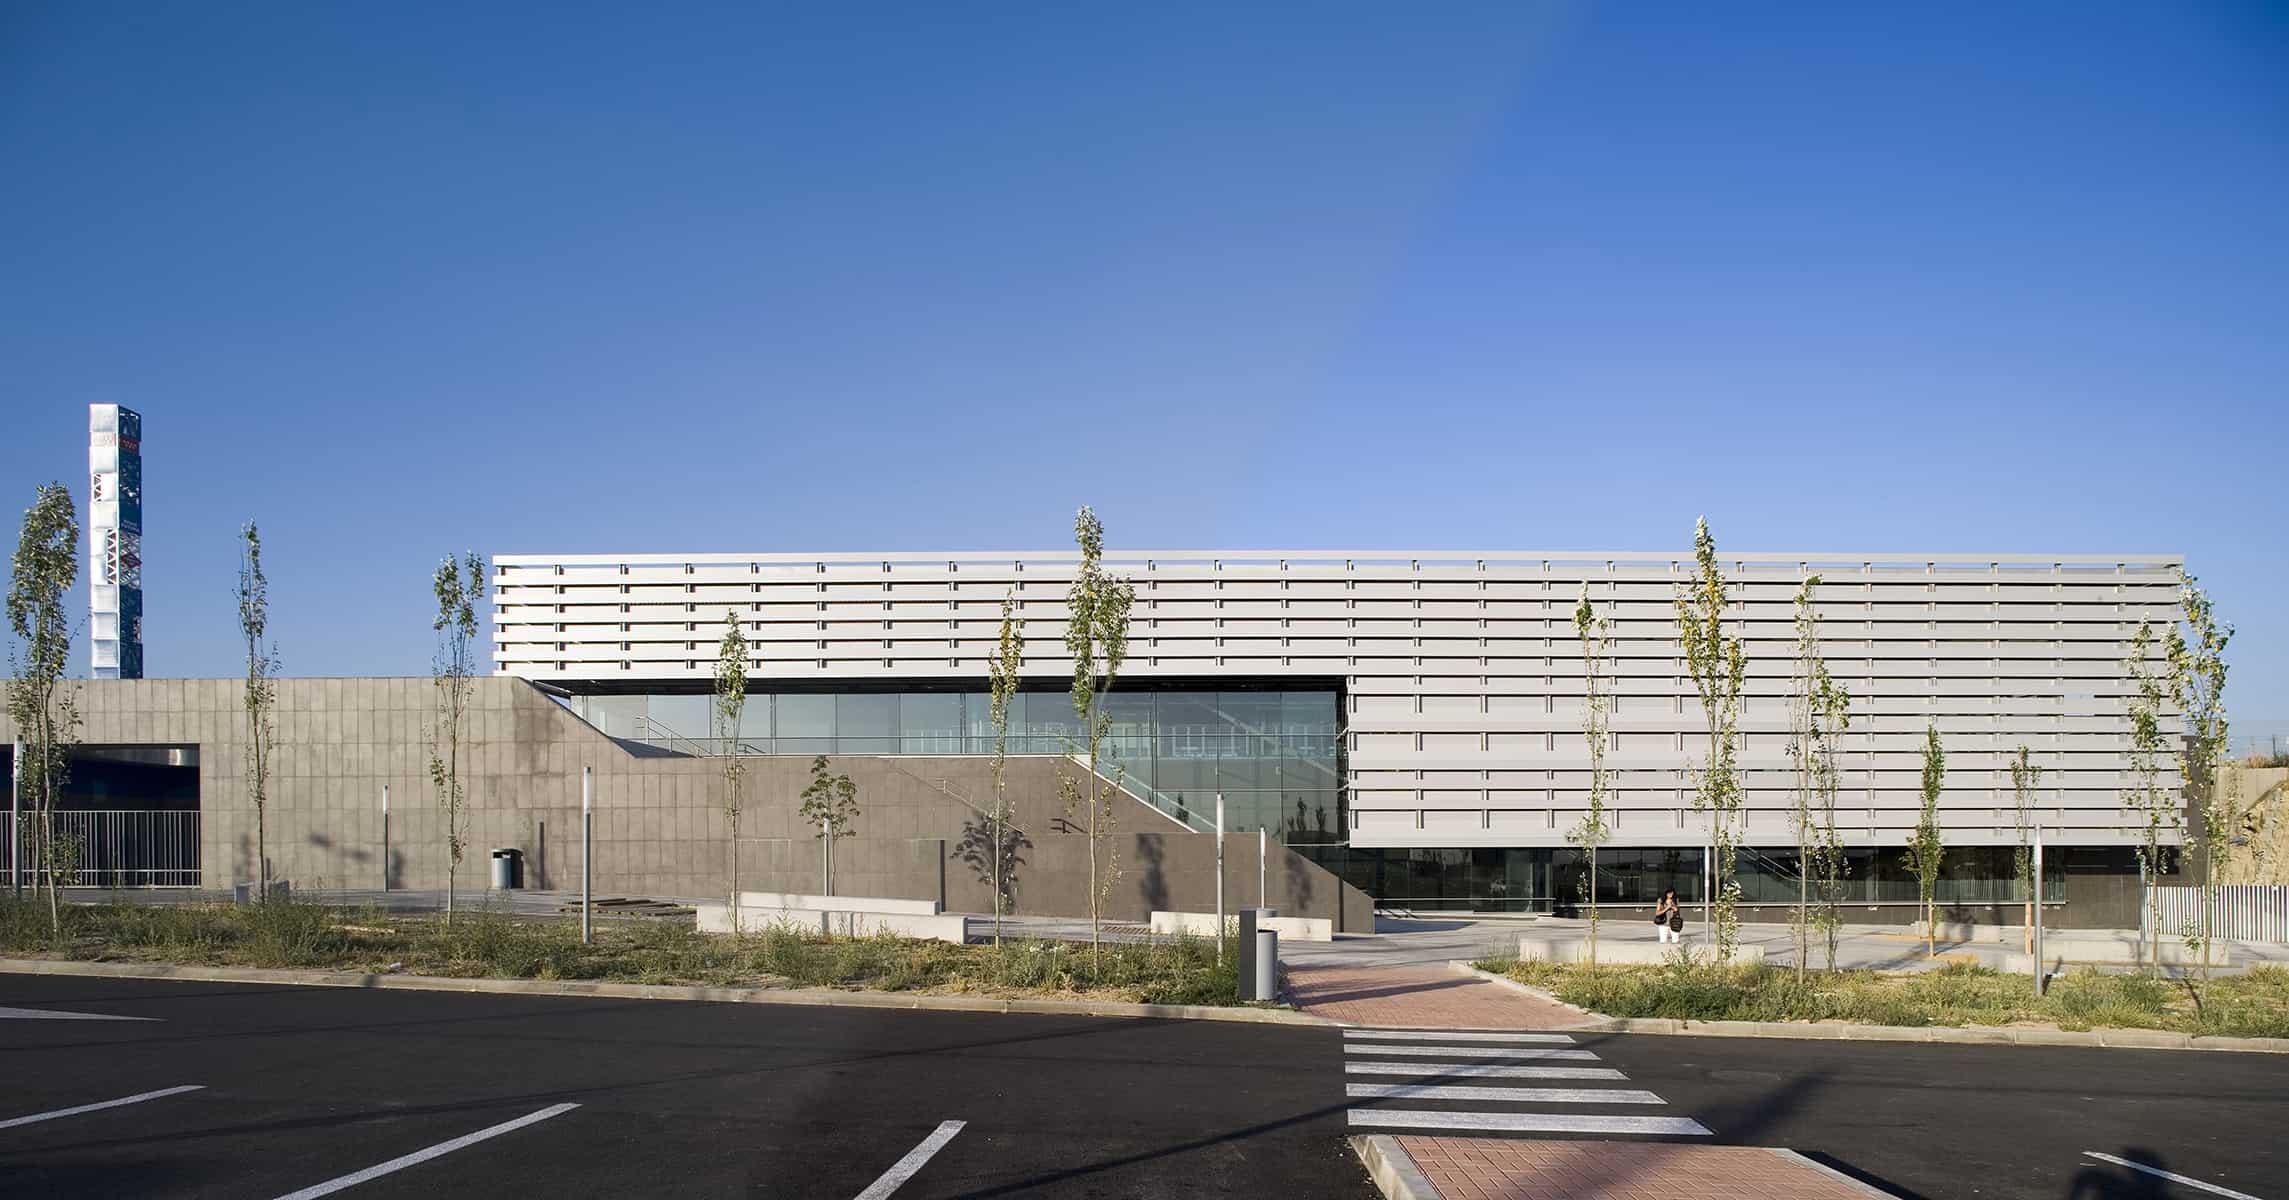 Fachada Estación METRO de MADRID_LGV+LANDINEZ+REY | equipo L2G arquitectos, slp [eL2Gaa ] - arquitectura del transporte